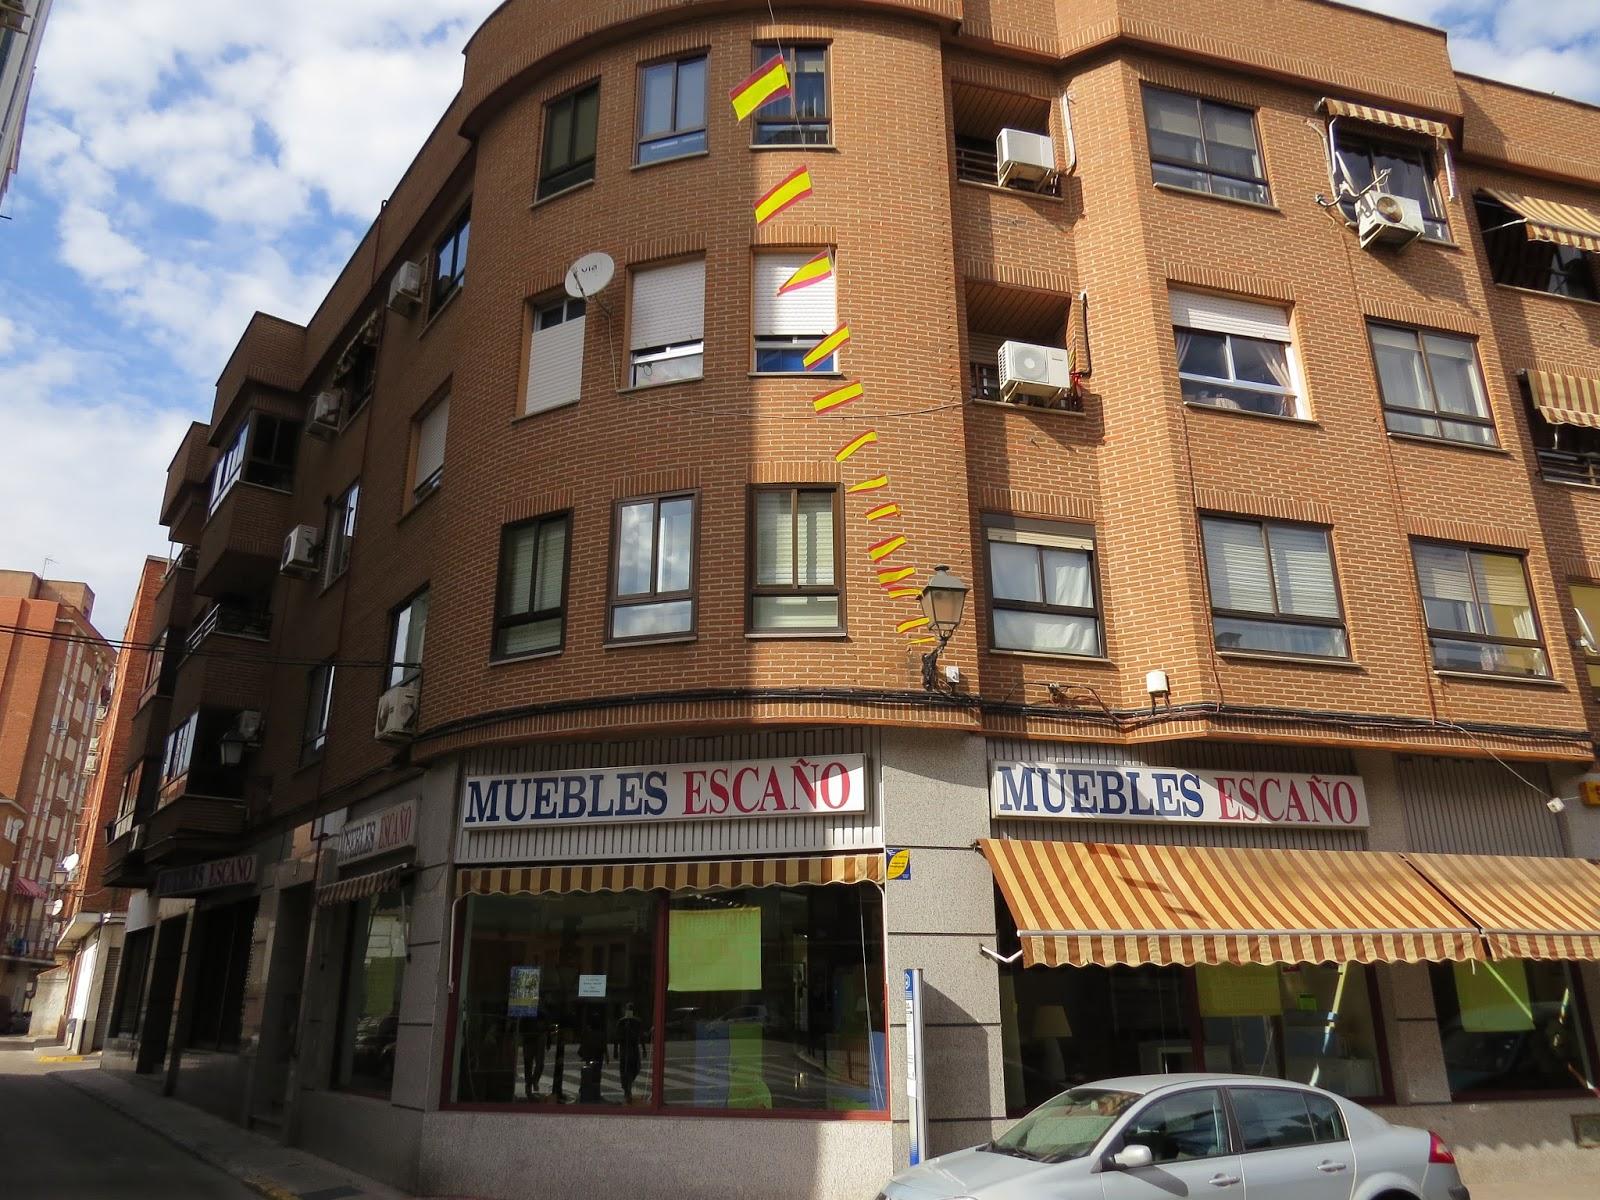 Muebles Talavera Piso En Calle Santa Brbara Precios Accesibles  # Muebles Talavera